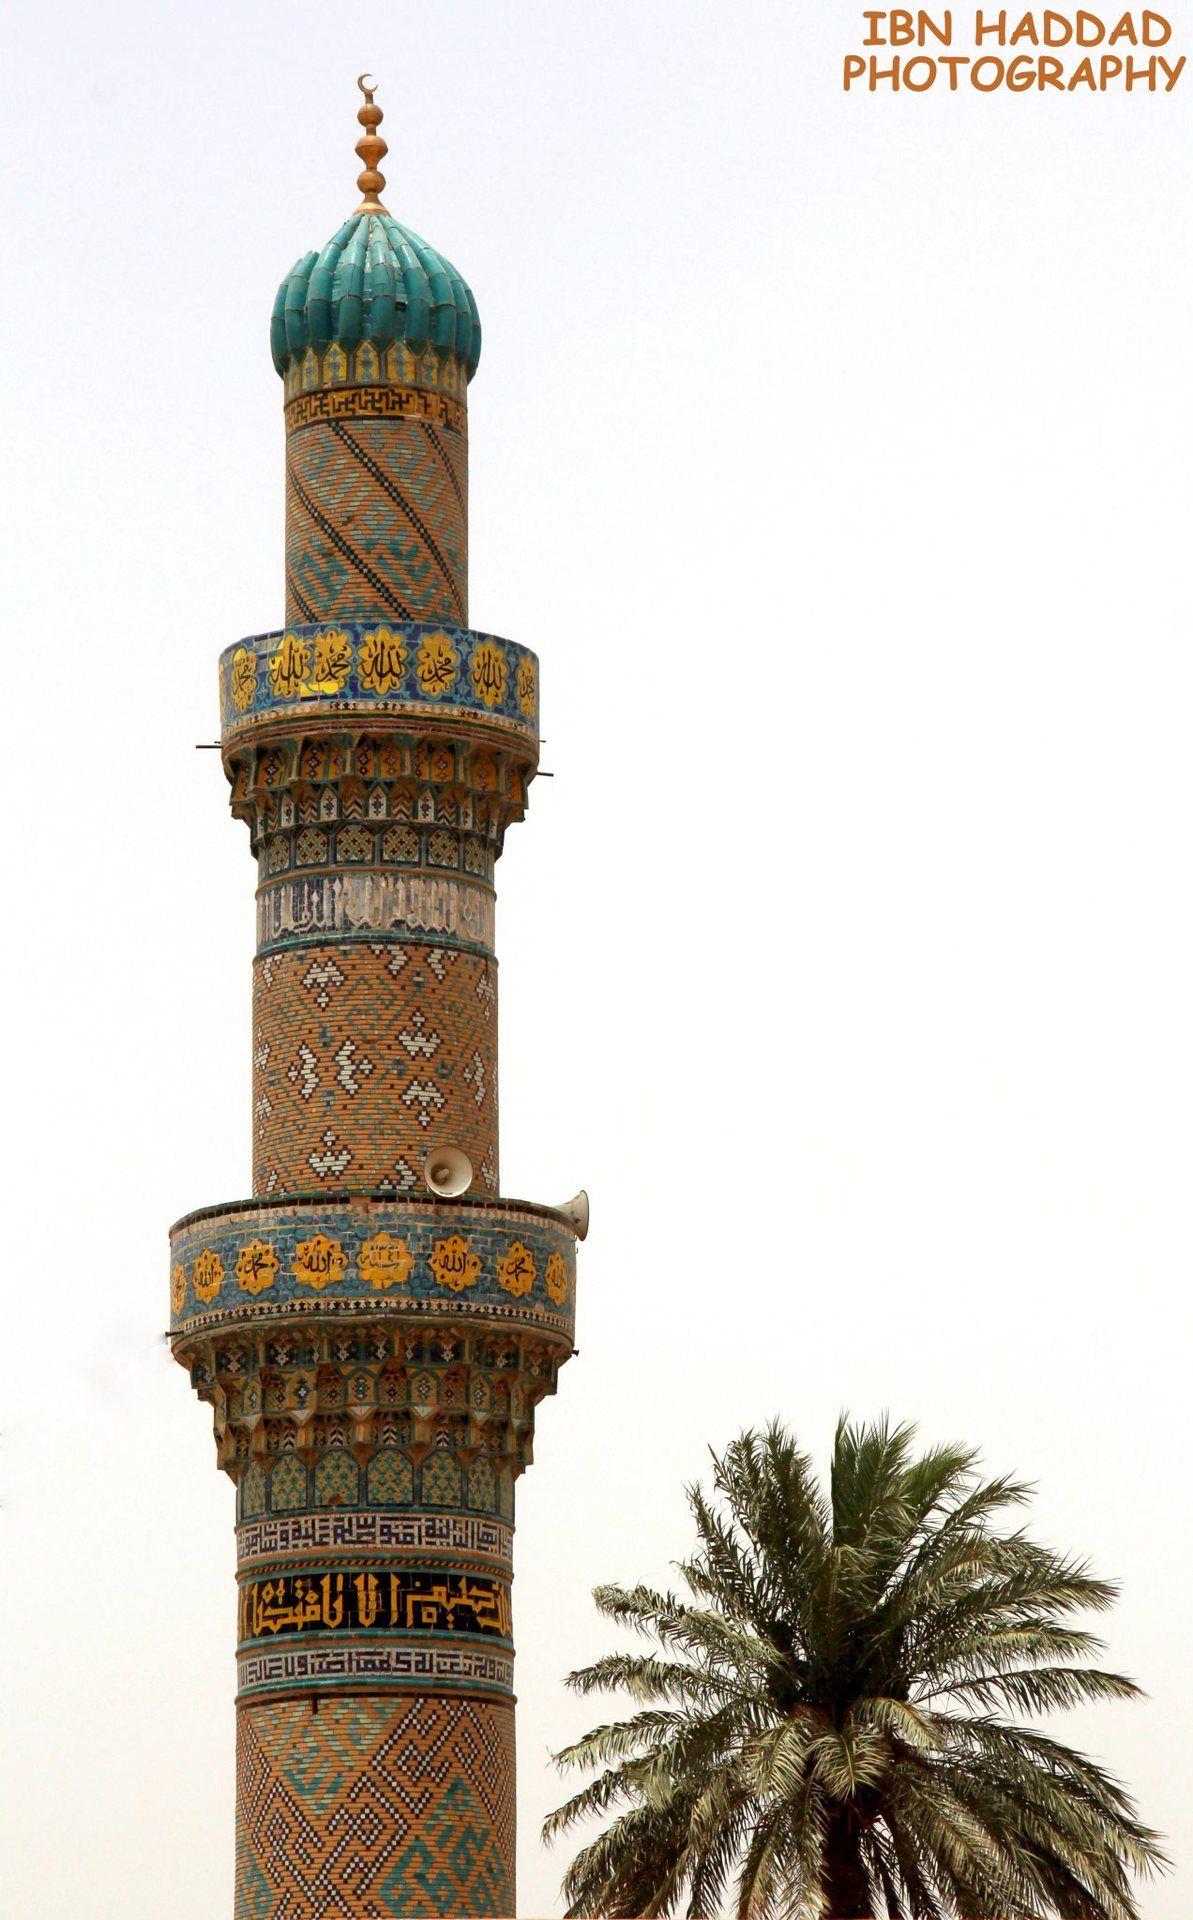 Iraq 3iraqiya جامع الآصفية من المساجد القديمة في Baghdad Iraq Islamic Architecture Baghdad